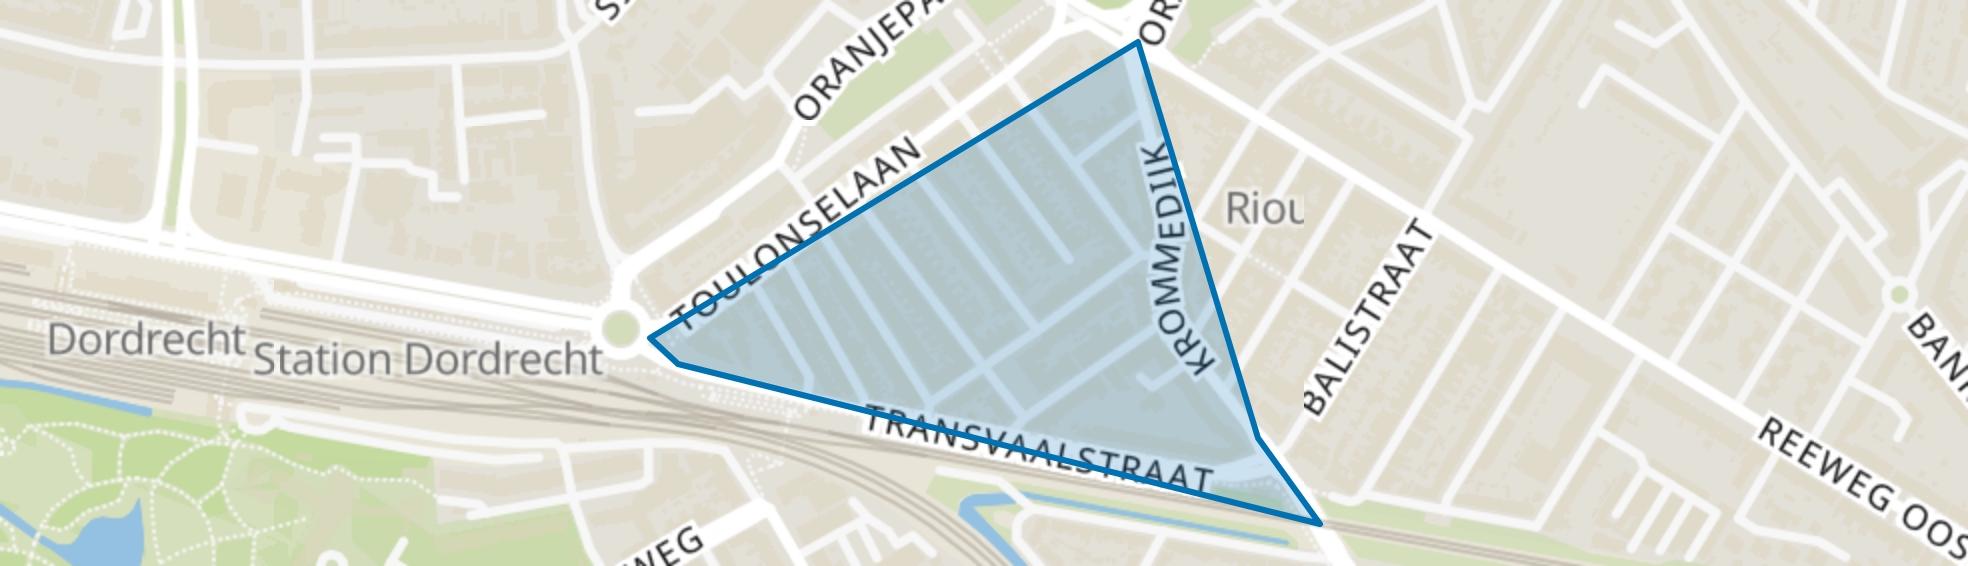 Transvaalstraat en omgeving, Dordrecht map